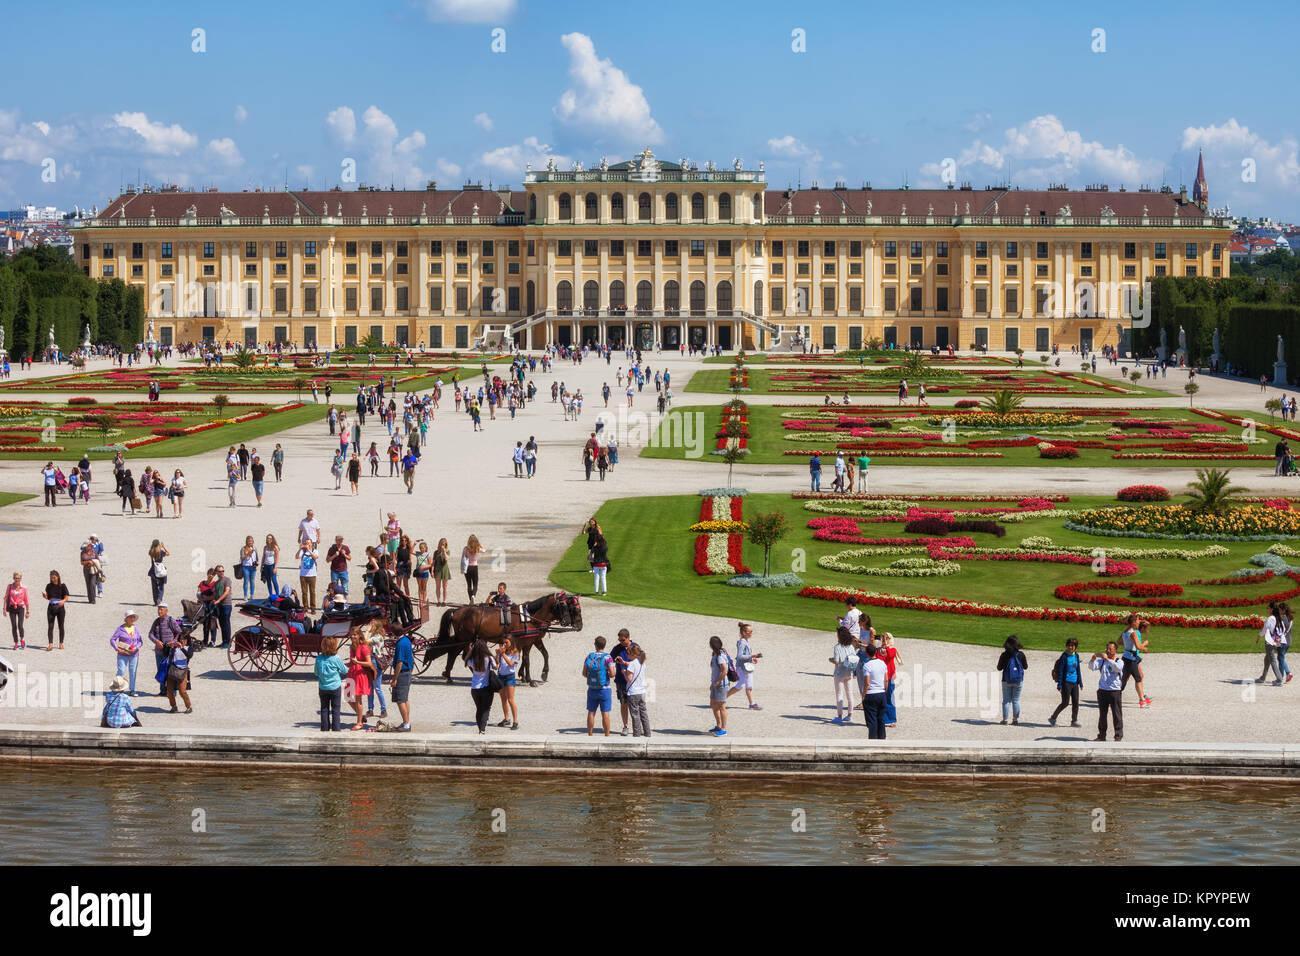 Palacio de Schonbrunn, residencia de verano imperial barroca y jardines, la ciudad de Viena, Austria, Europa Imagen De Stock